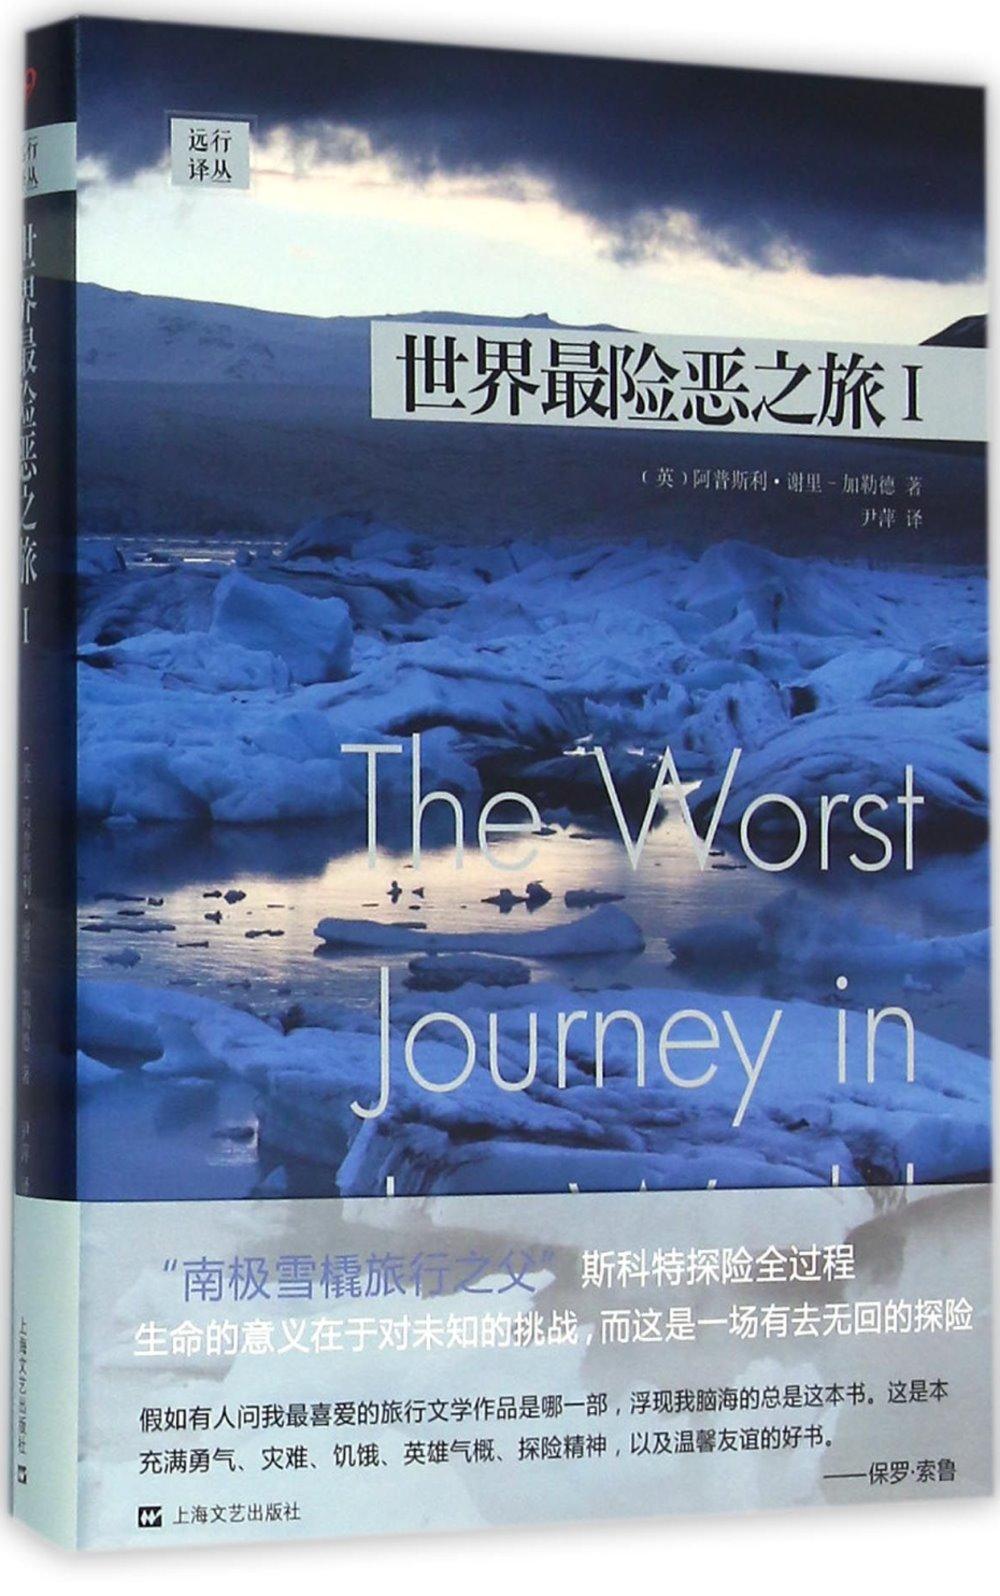 世界最險惡之旅 1